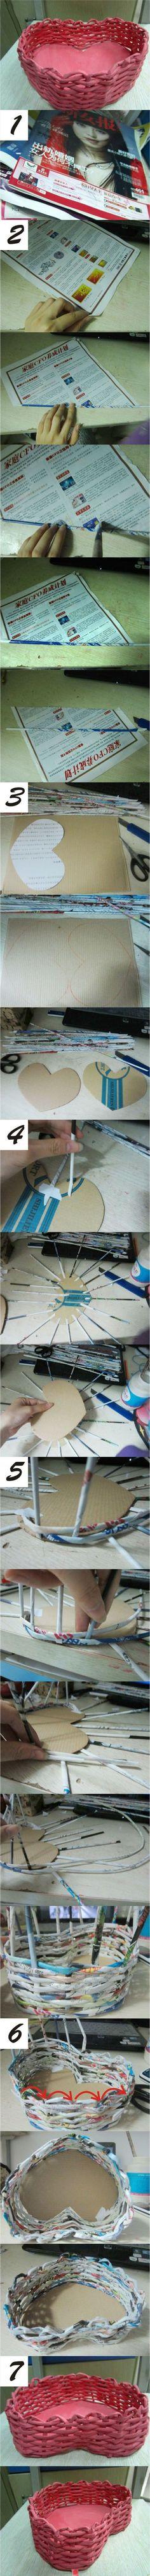 donneinpink - risparmio e fai da te: Come fare una cesta a forma di cuore con carta riciclata